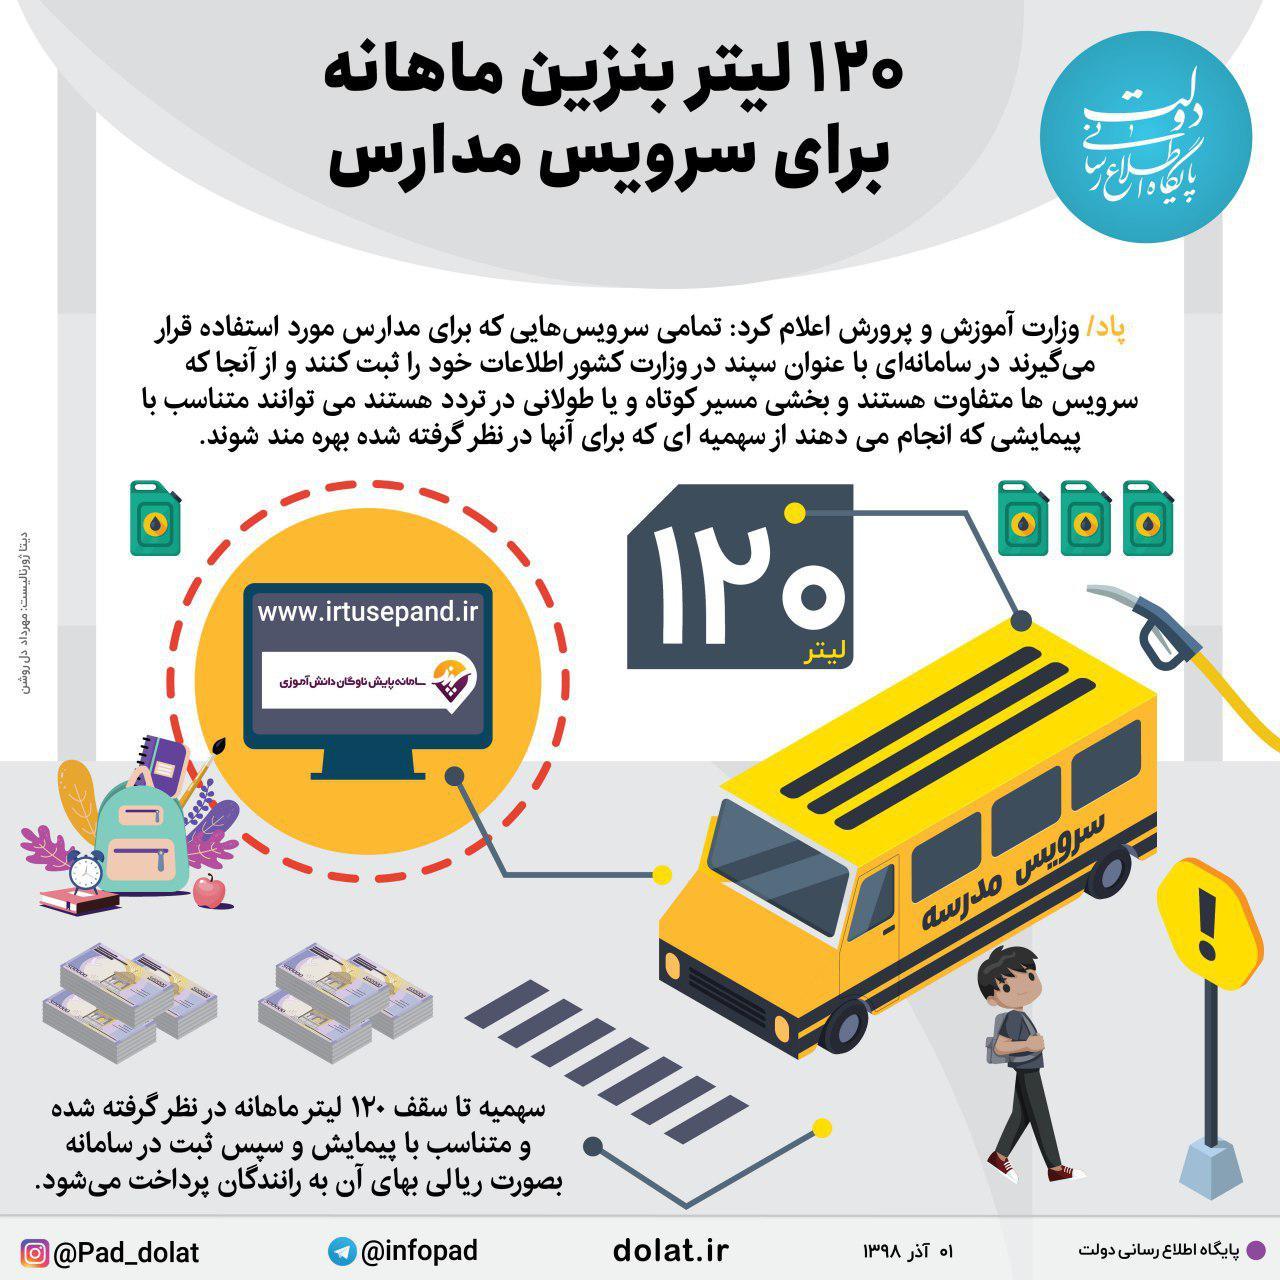 اینفوگرافی ۱۲۰ لیتر بنزین ماهانه برای سرویس مدارس